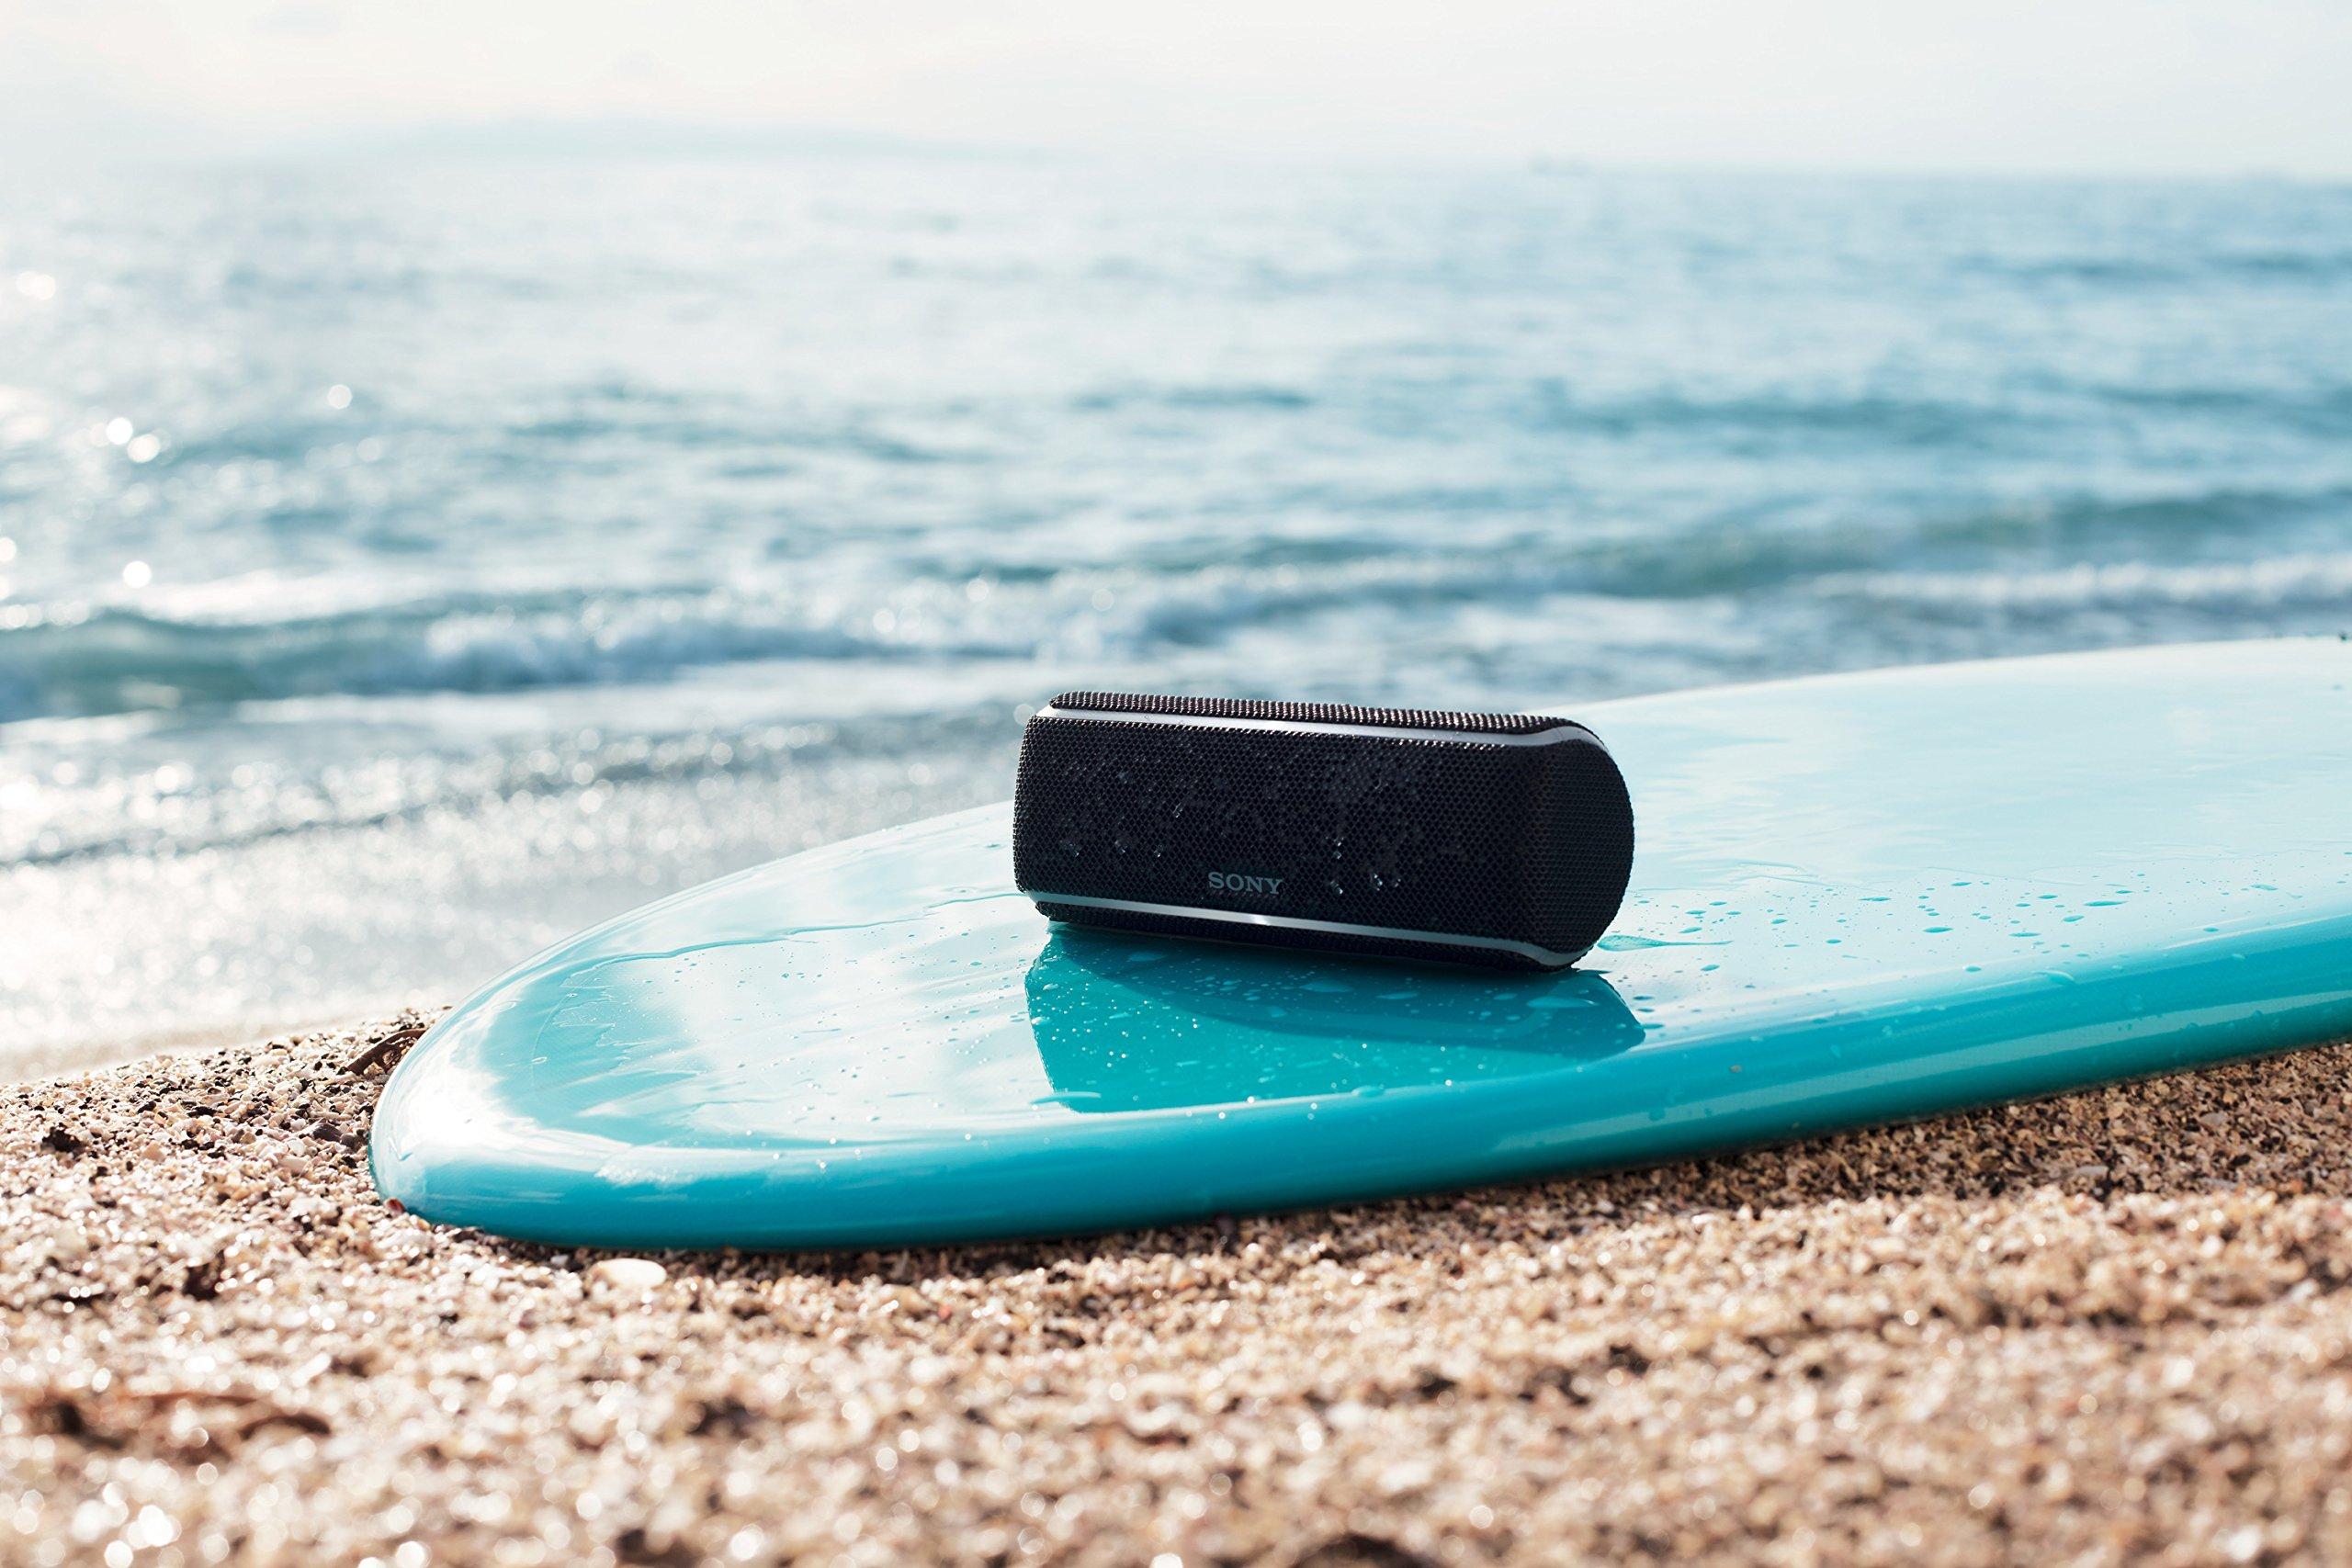 Sony Portable Wireless Waterproof Speaker 11